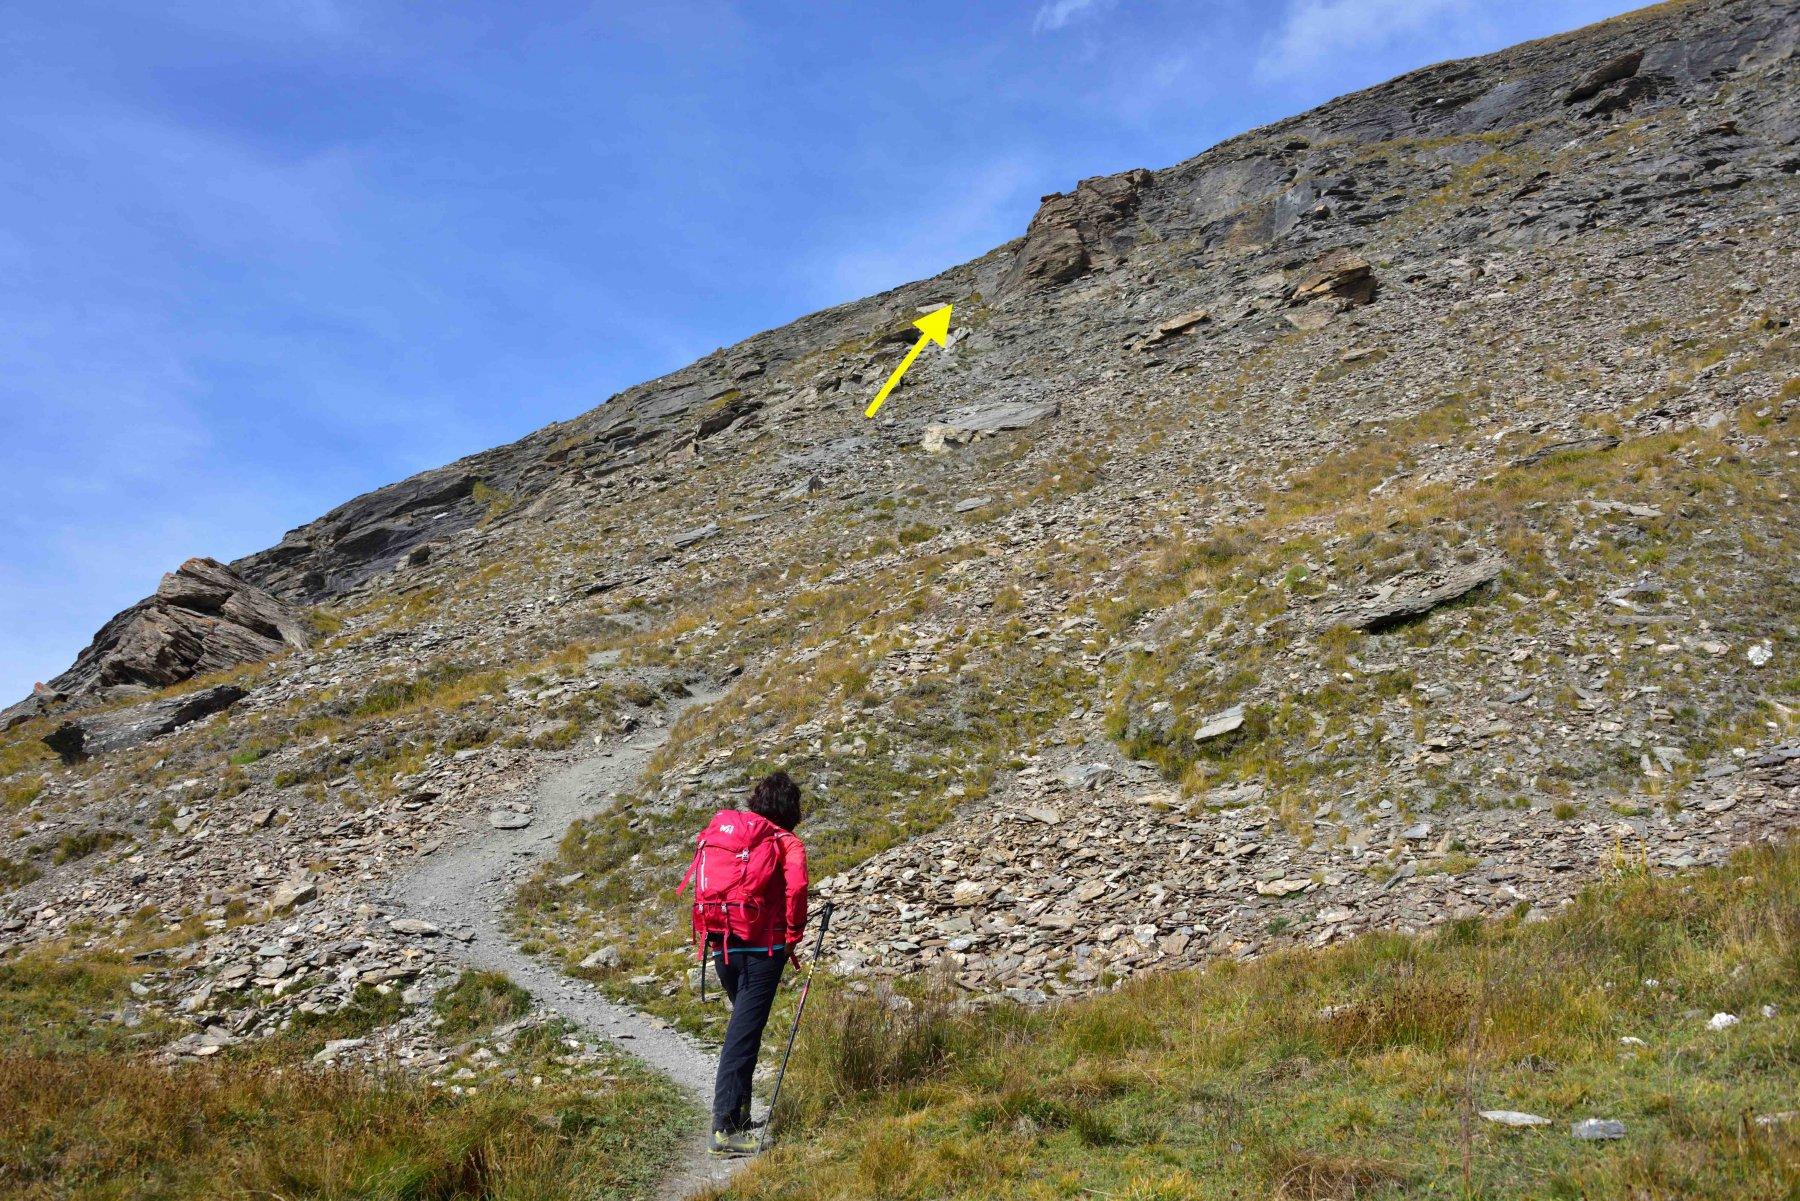 La prima fascia rocciosa sopra il Plan de la Casette.